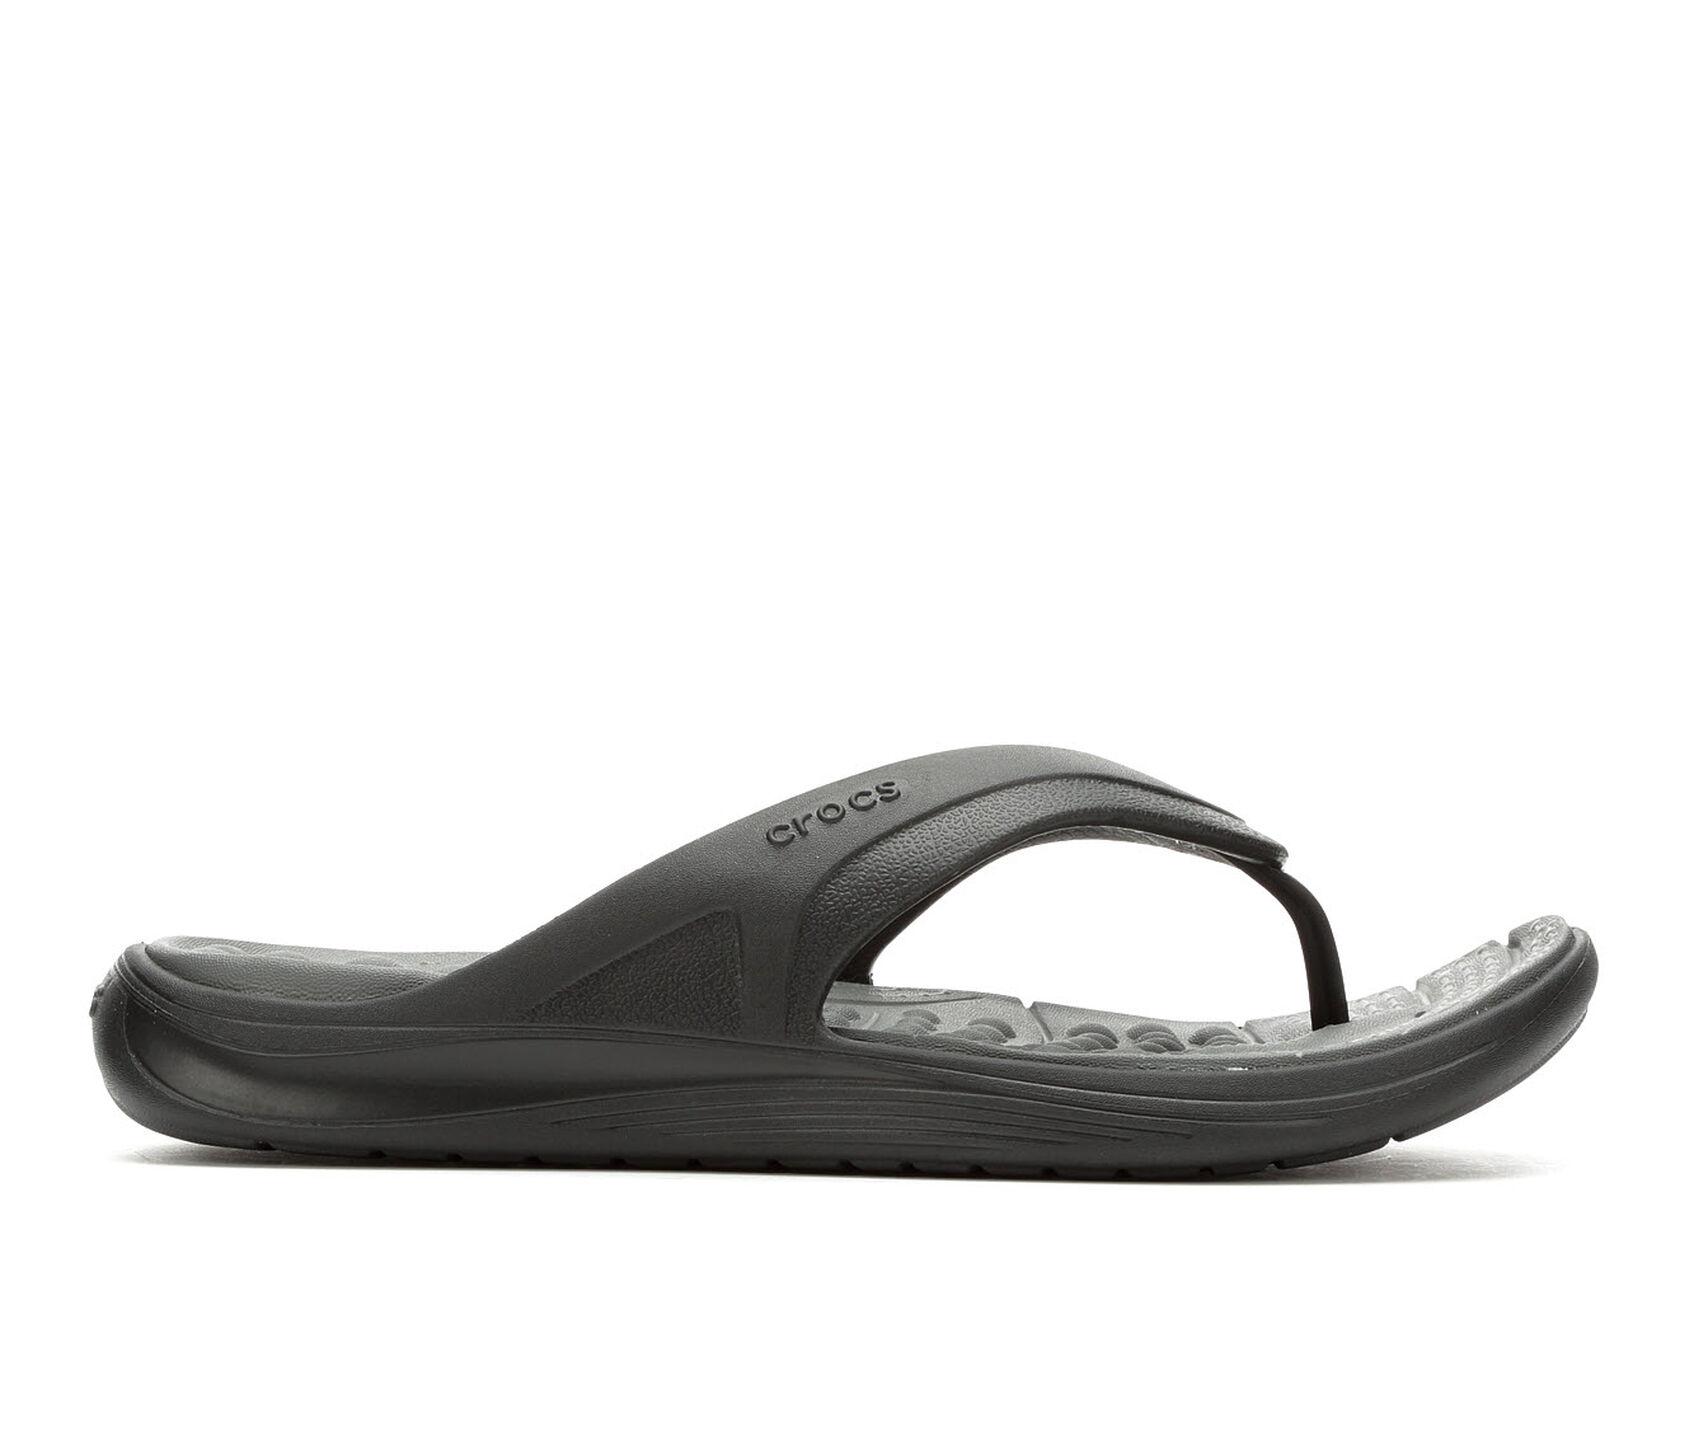 32241a5e7642 Men s Crocs Reviva Flip-Flop